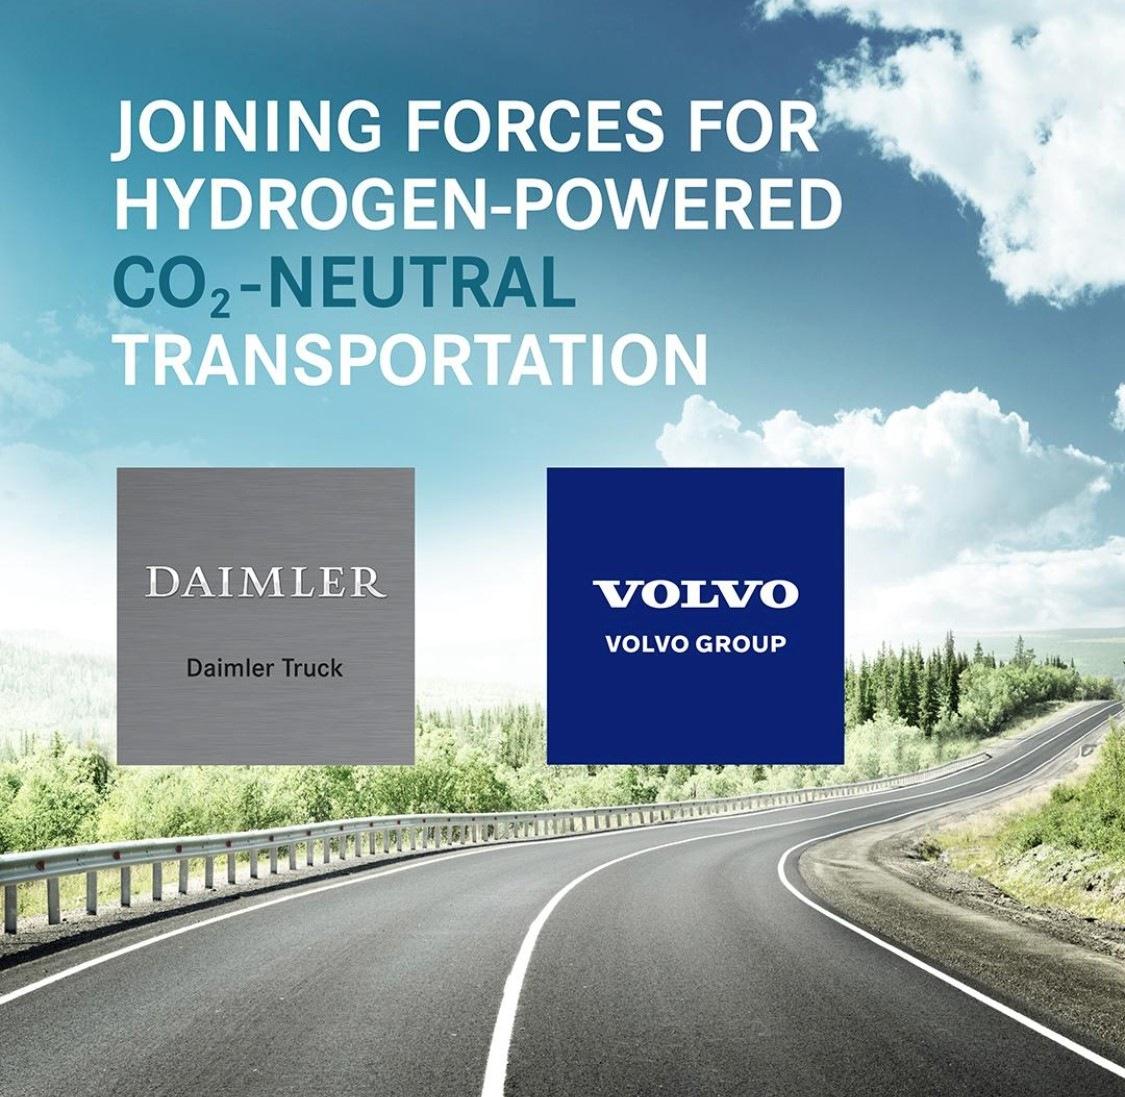 Spolupráce Daimler a Volvo